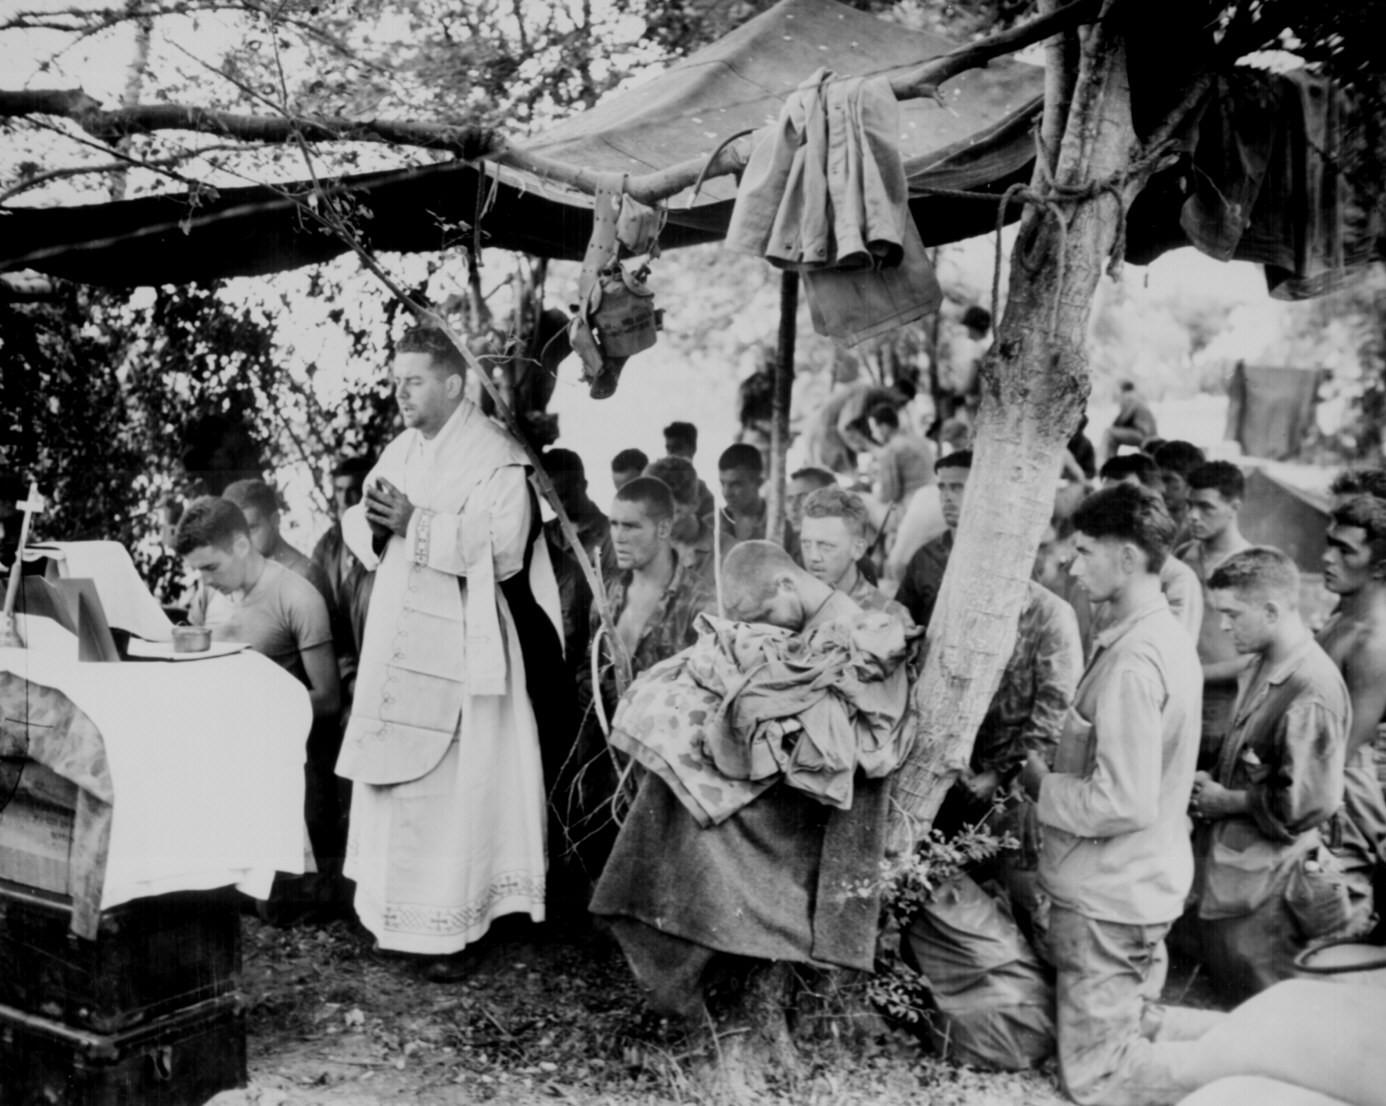 поднимает христиане во второй мировой войне цели, содержание этапы